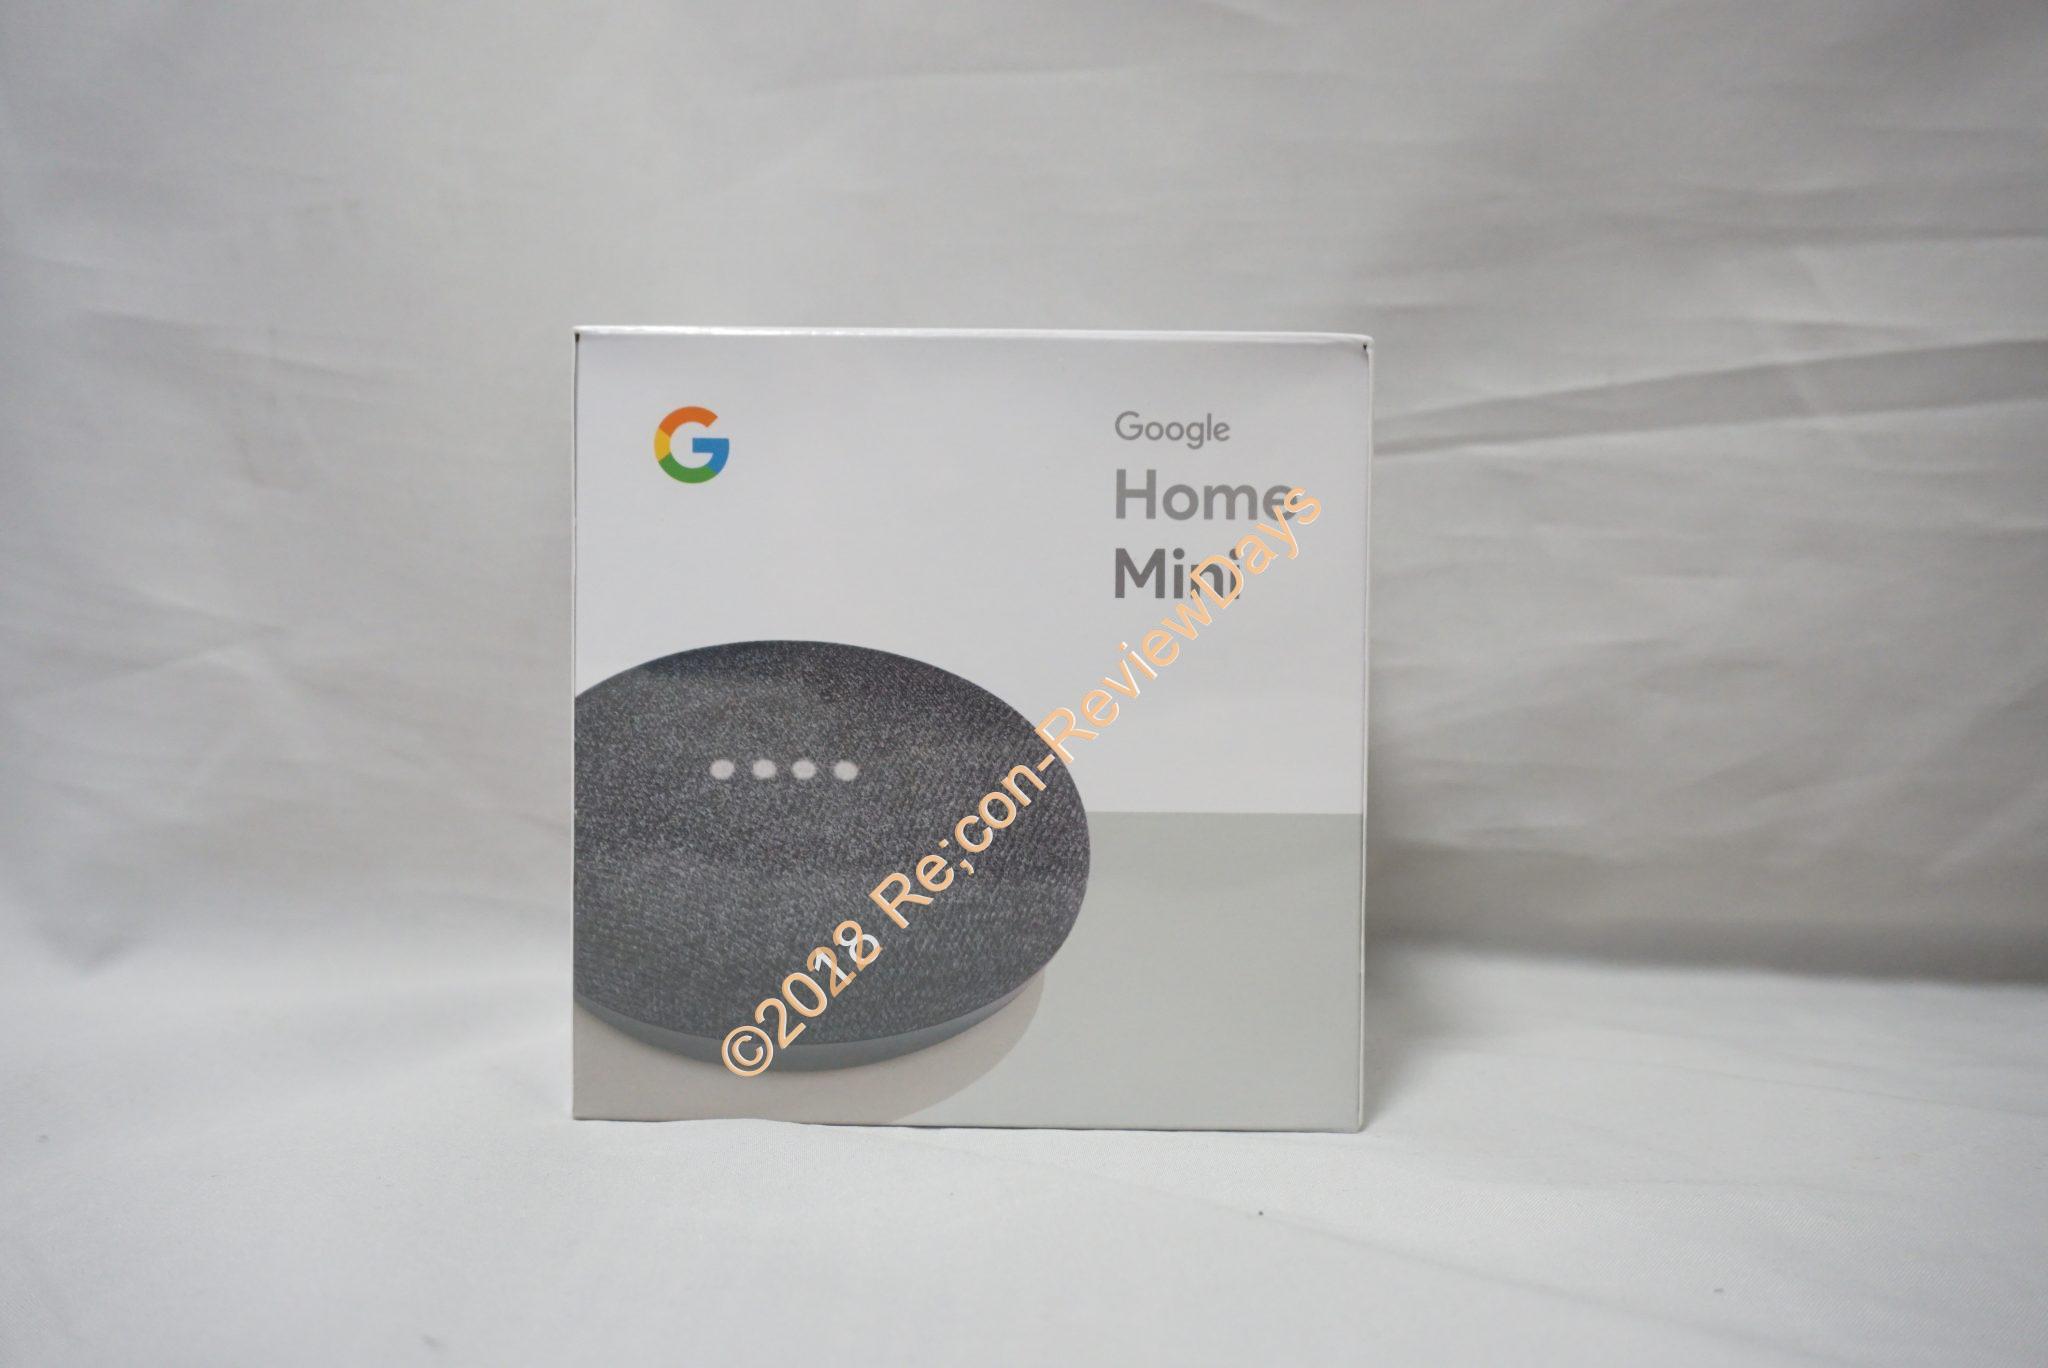 今更ながらGoogle Home Miniを購入しました #Google #GoogleHome #GoogleHomeMini